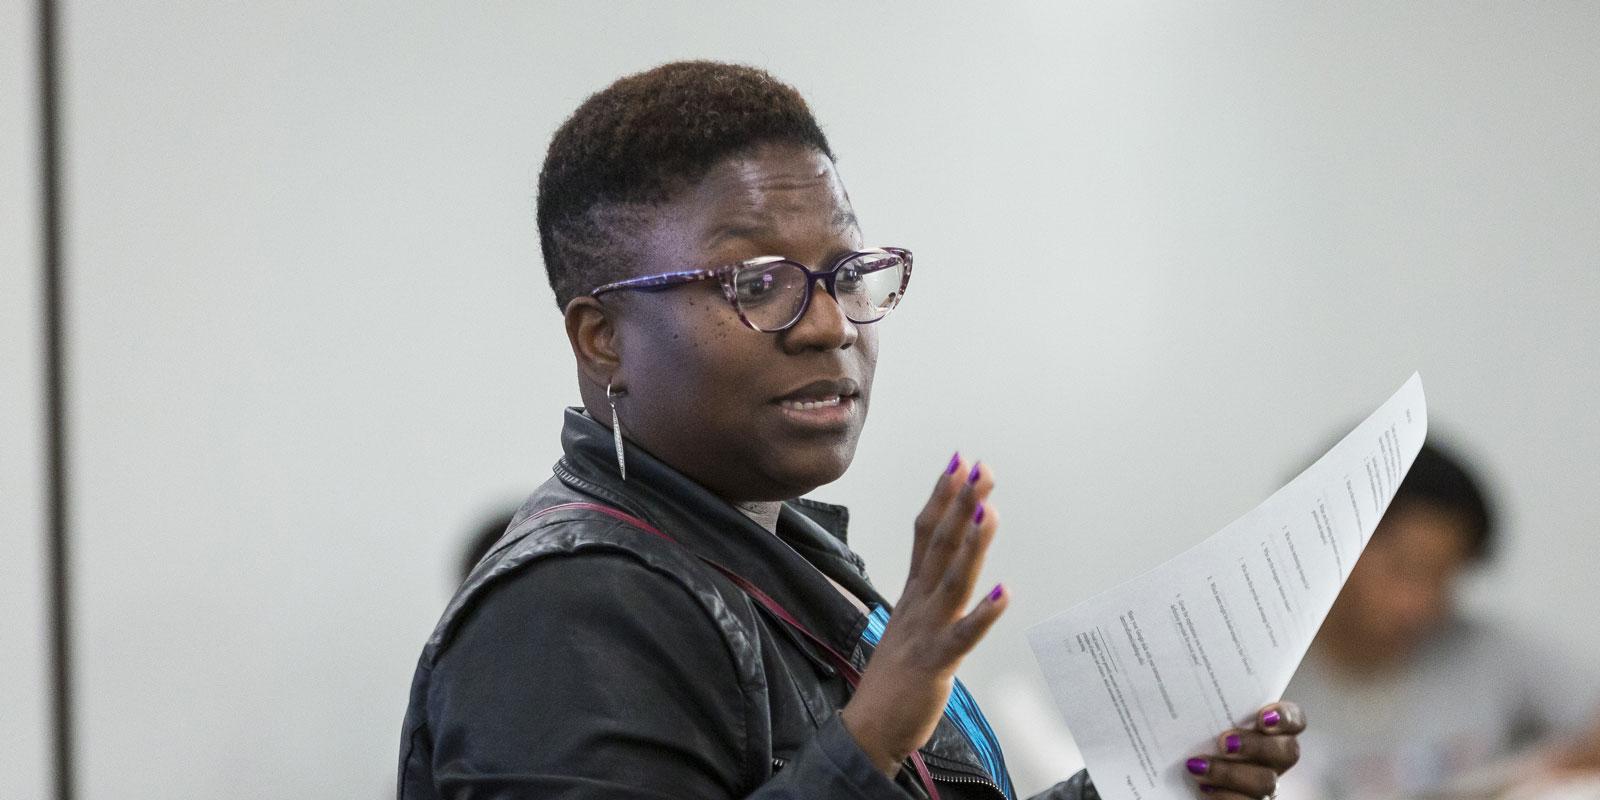 USD Associate Professor Odesma Dalrymple